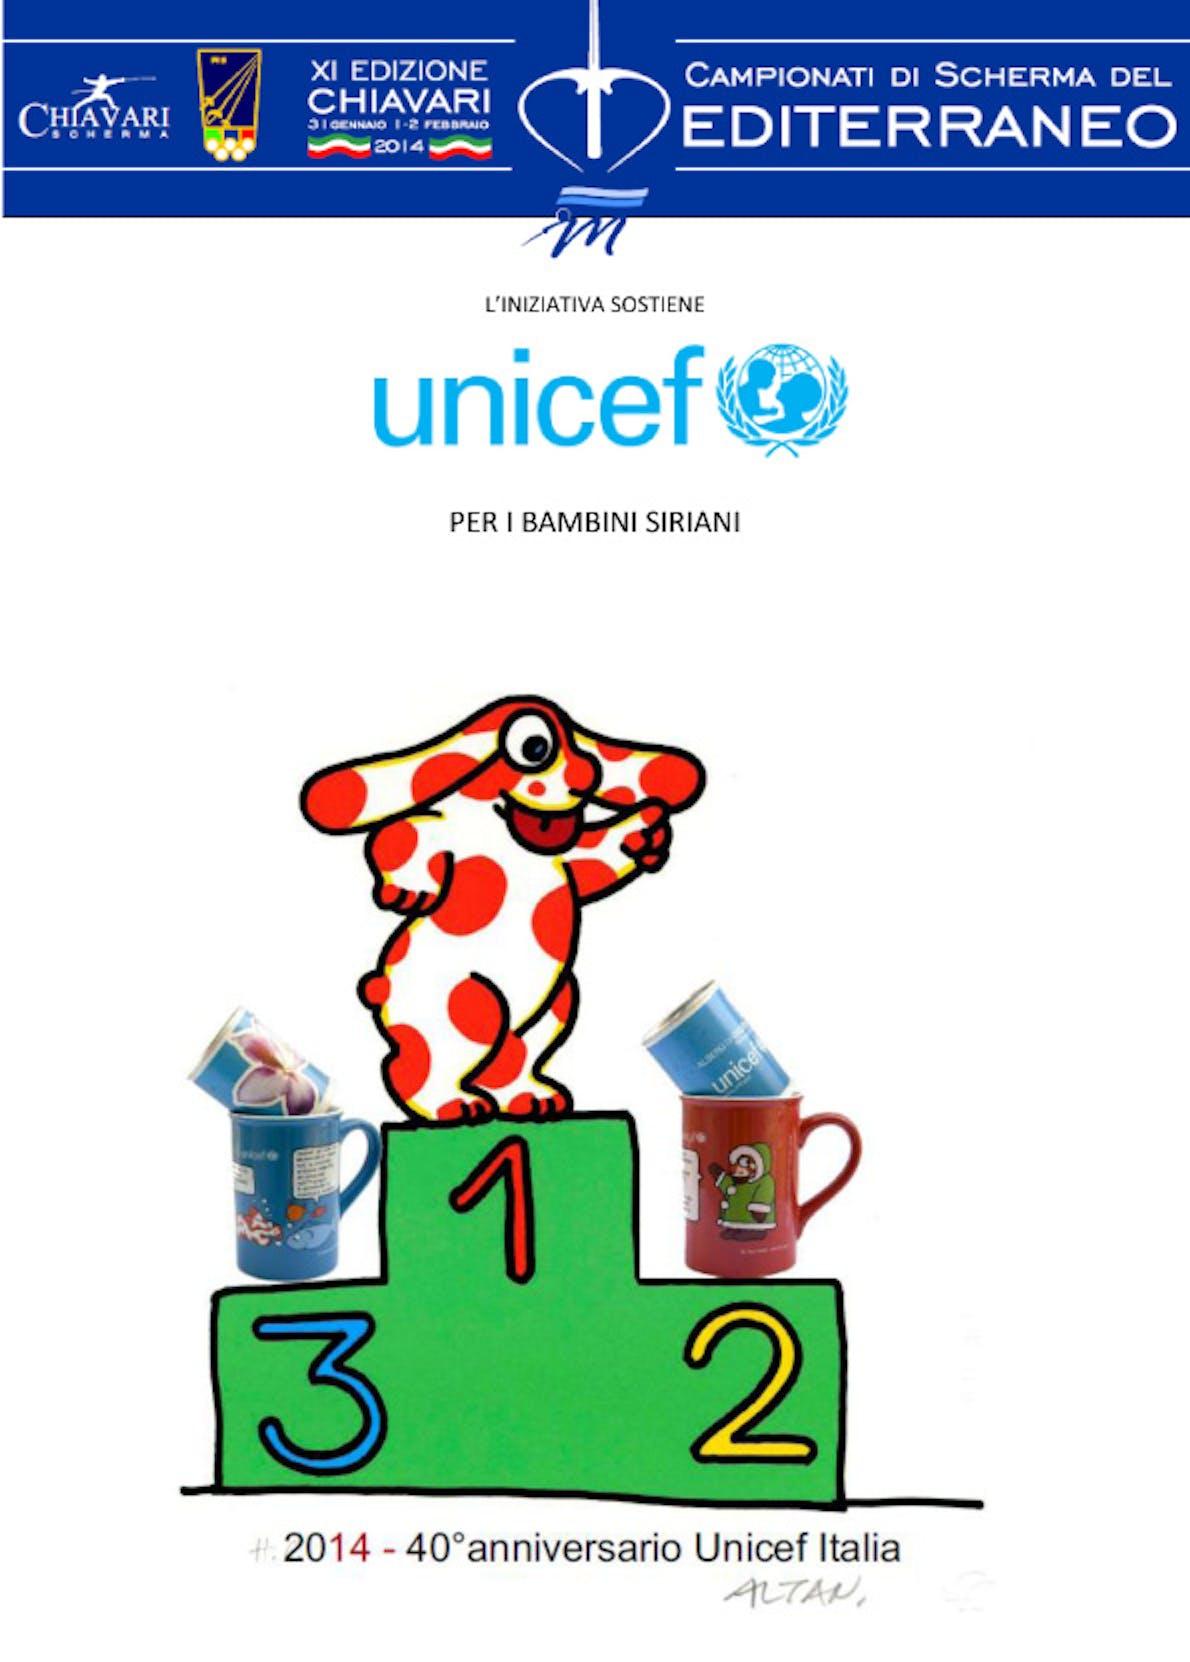 Chiavari: i Campionati del Mediterraneo di Scherma per l'UNICEF